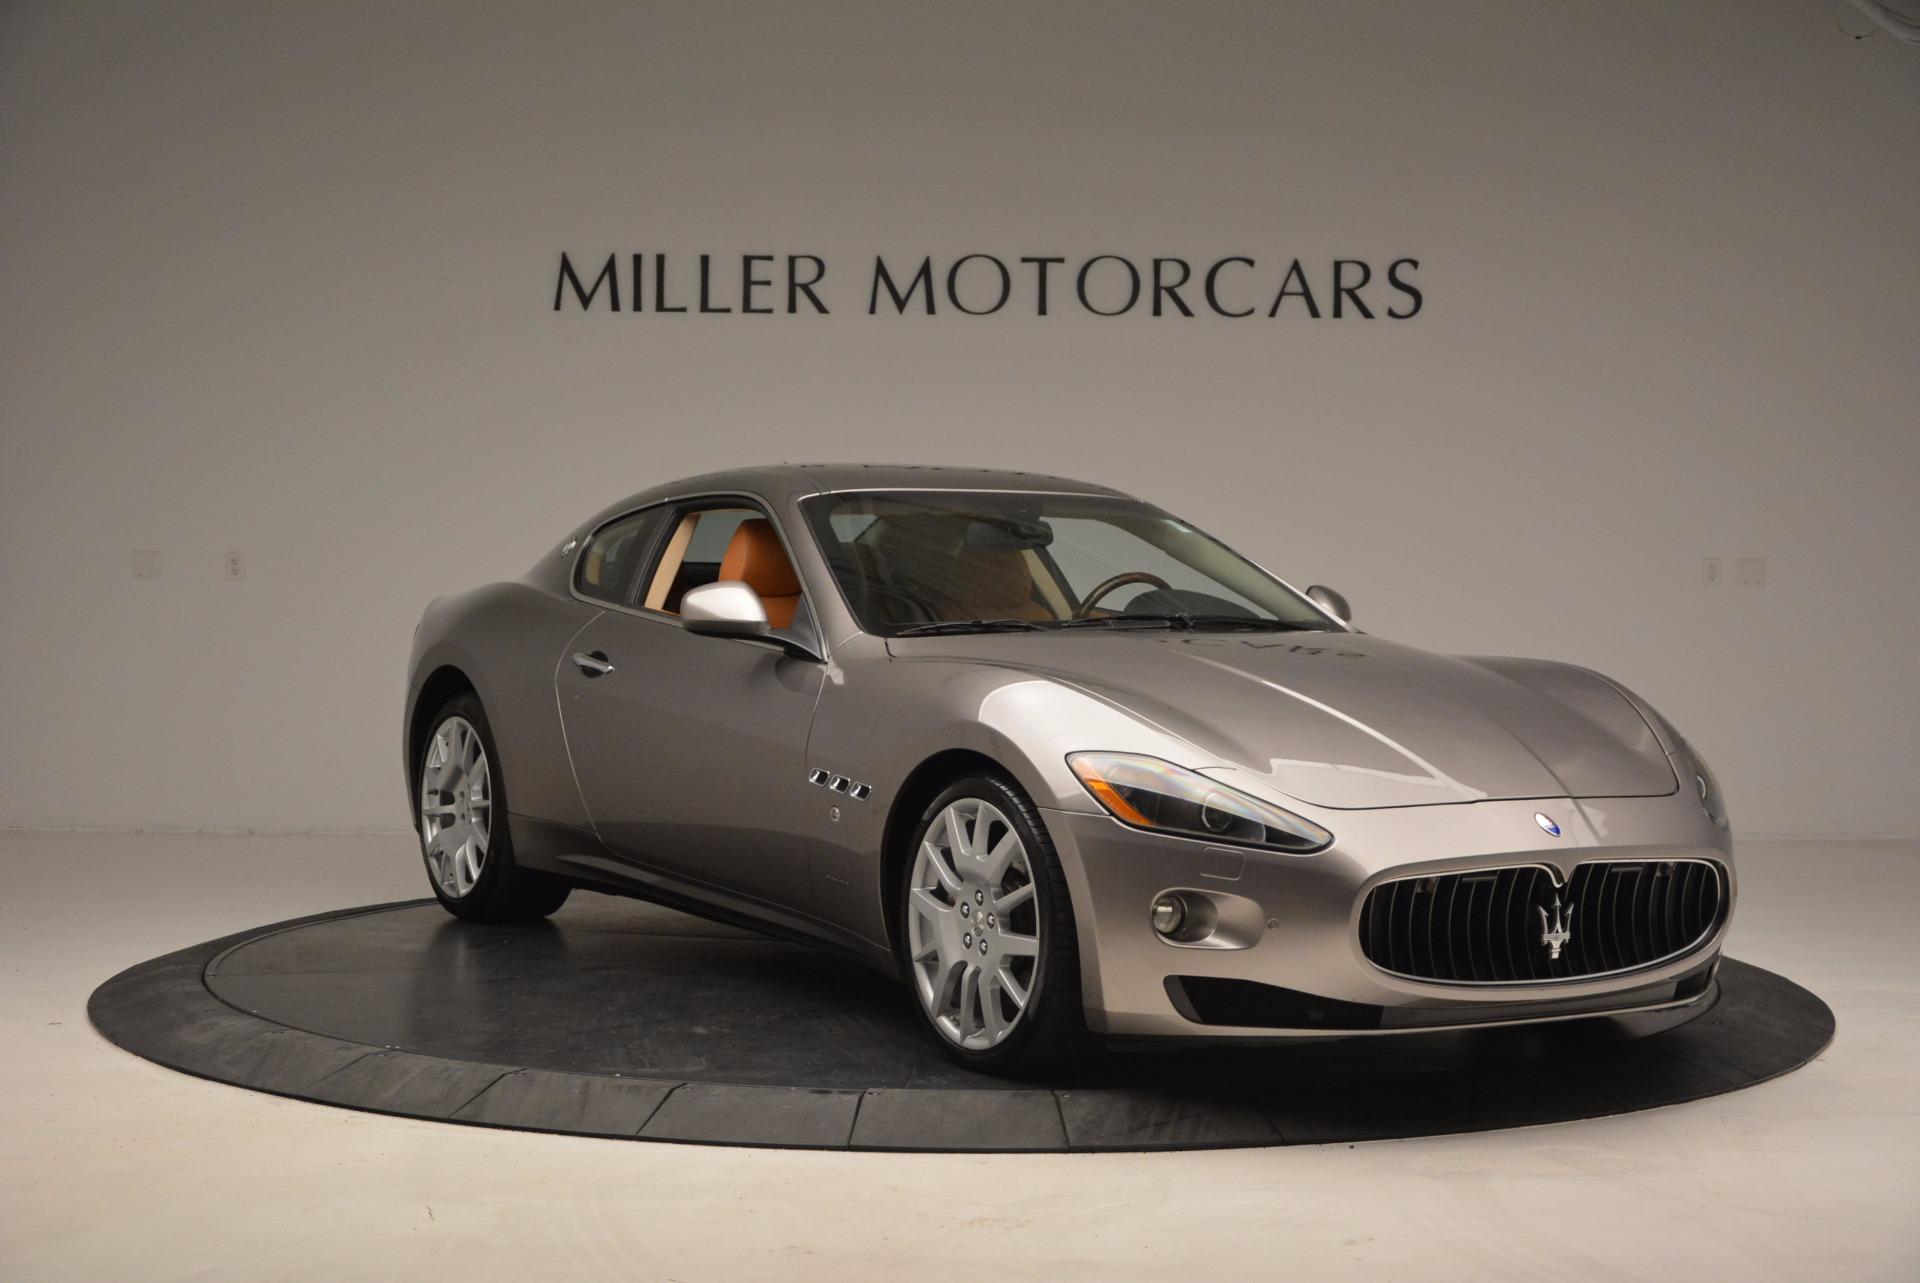 Used 2009 Maserati GranTurismo S For Sale In Greenwich, CT 1063_p11